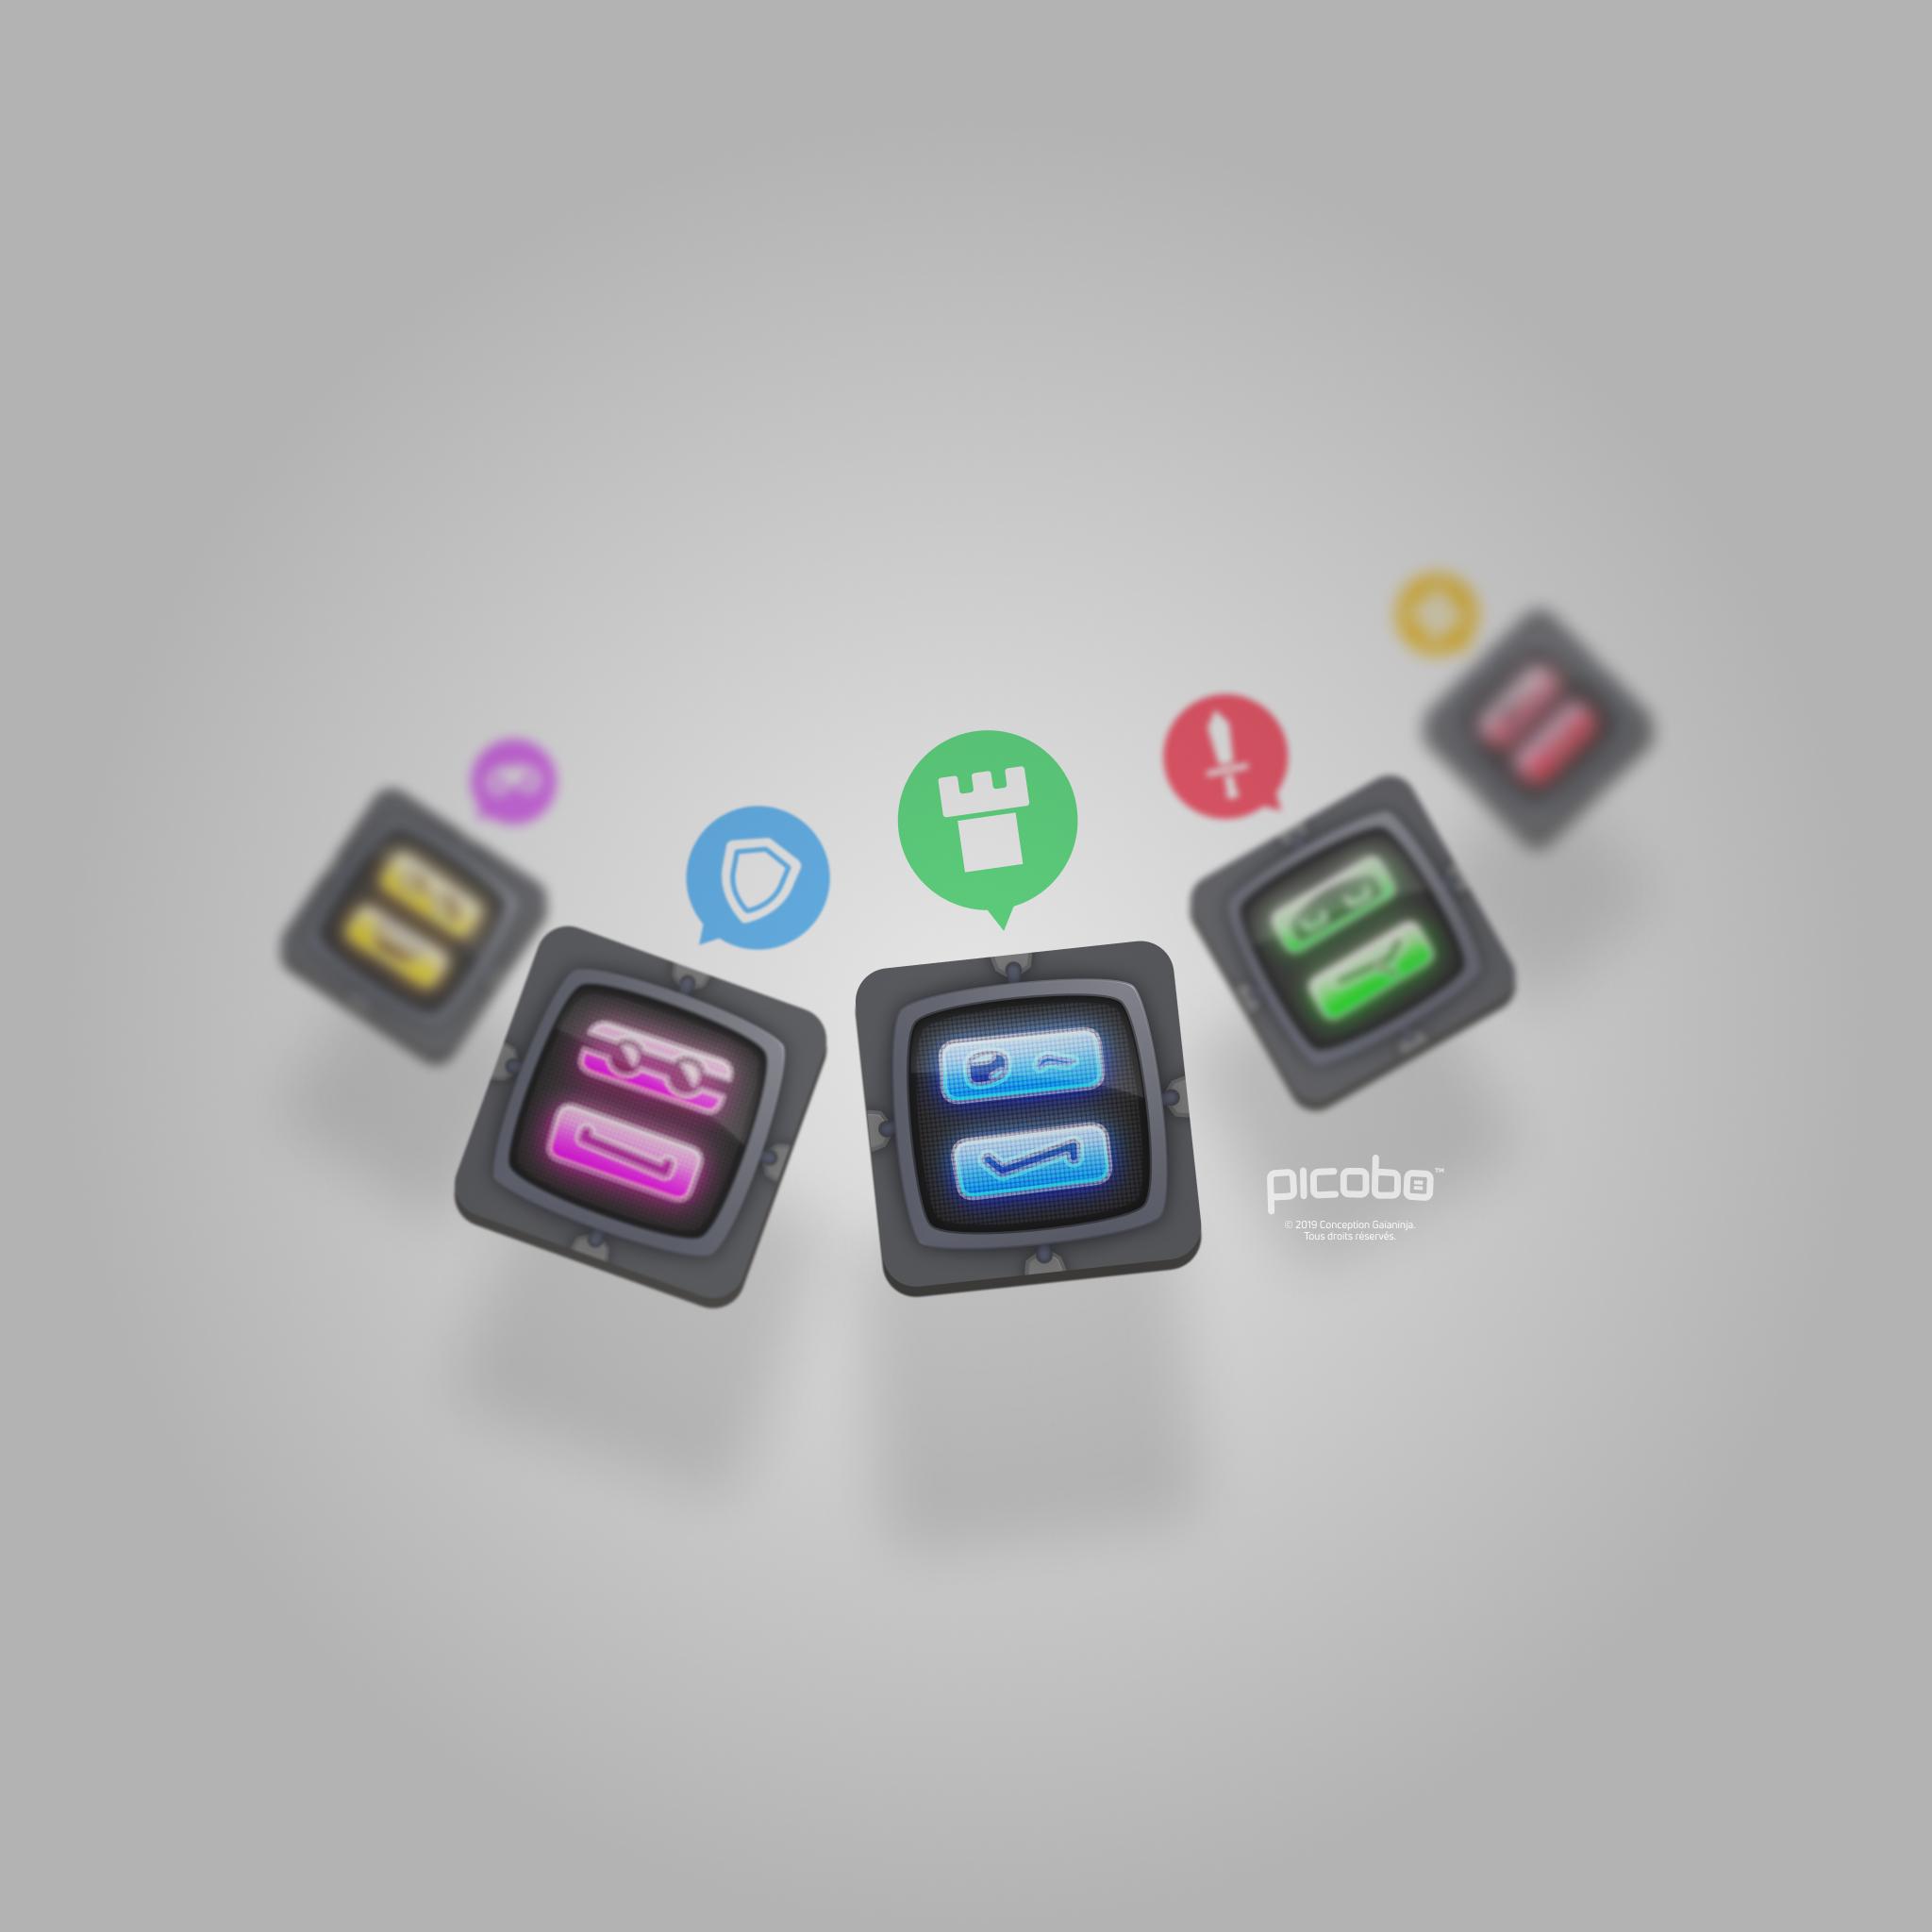 fond d'écran picobo pour tablette